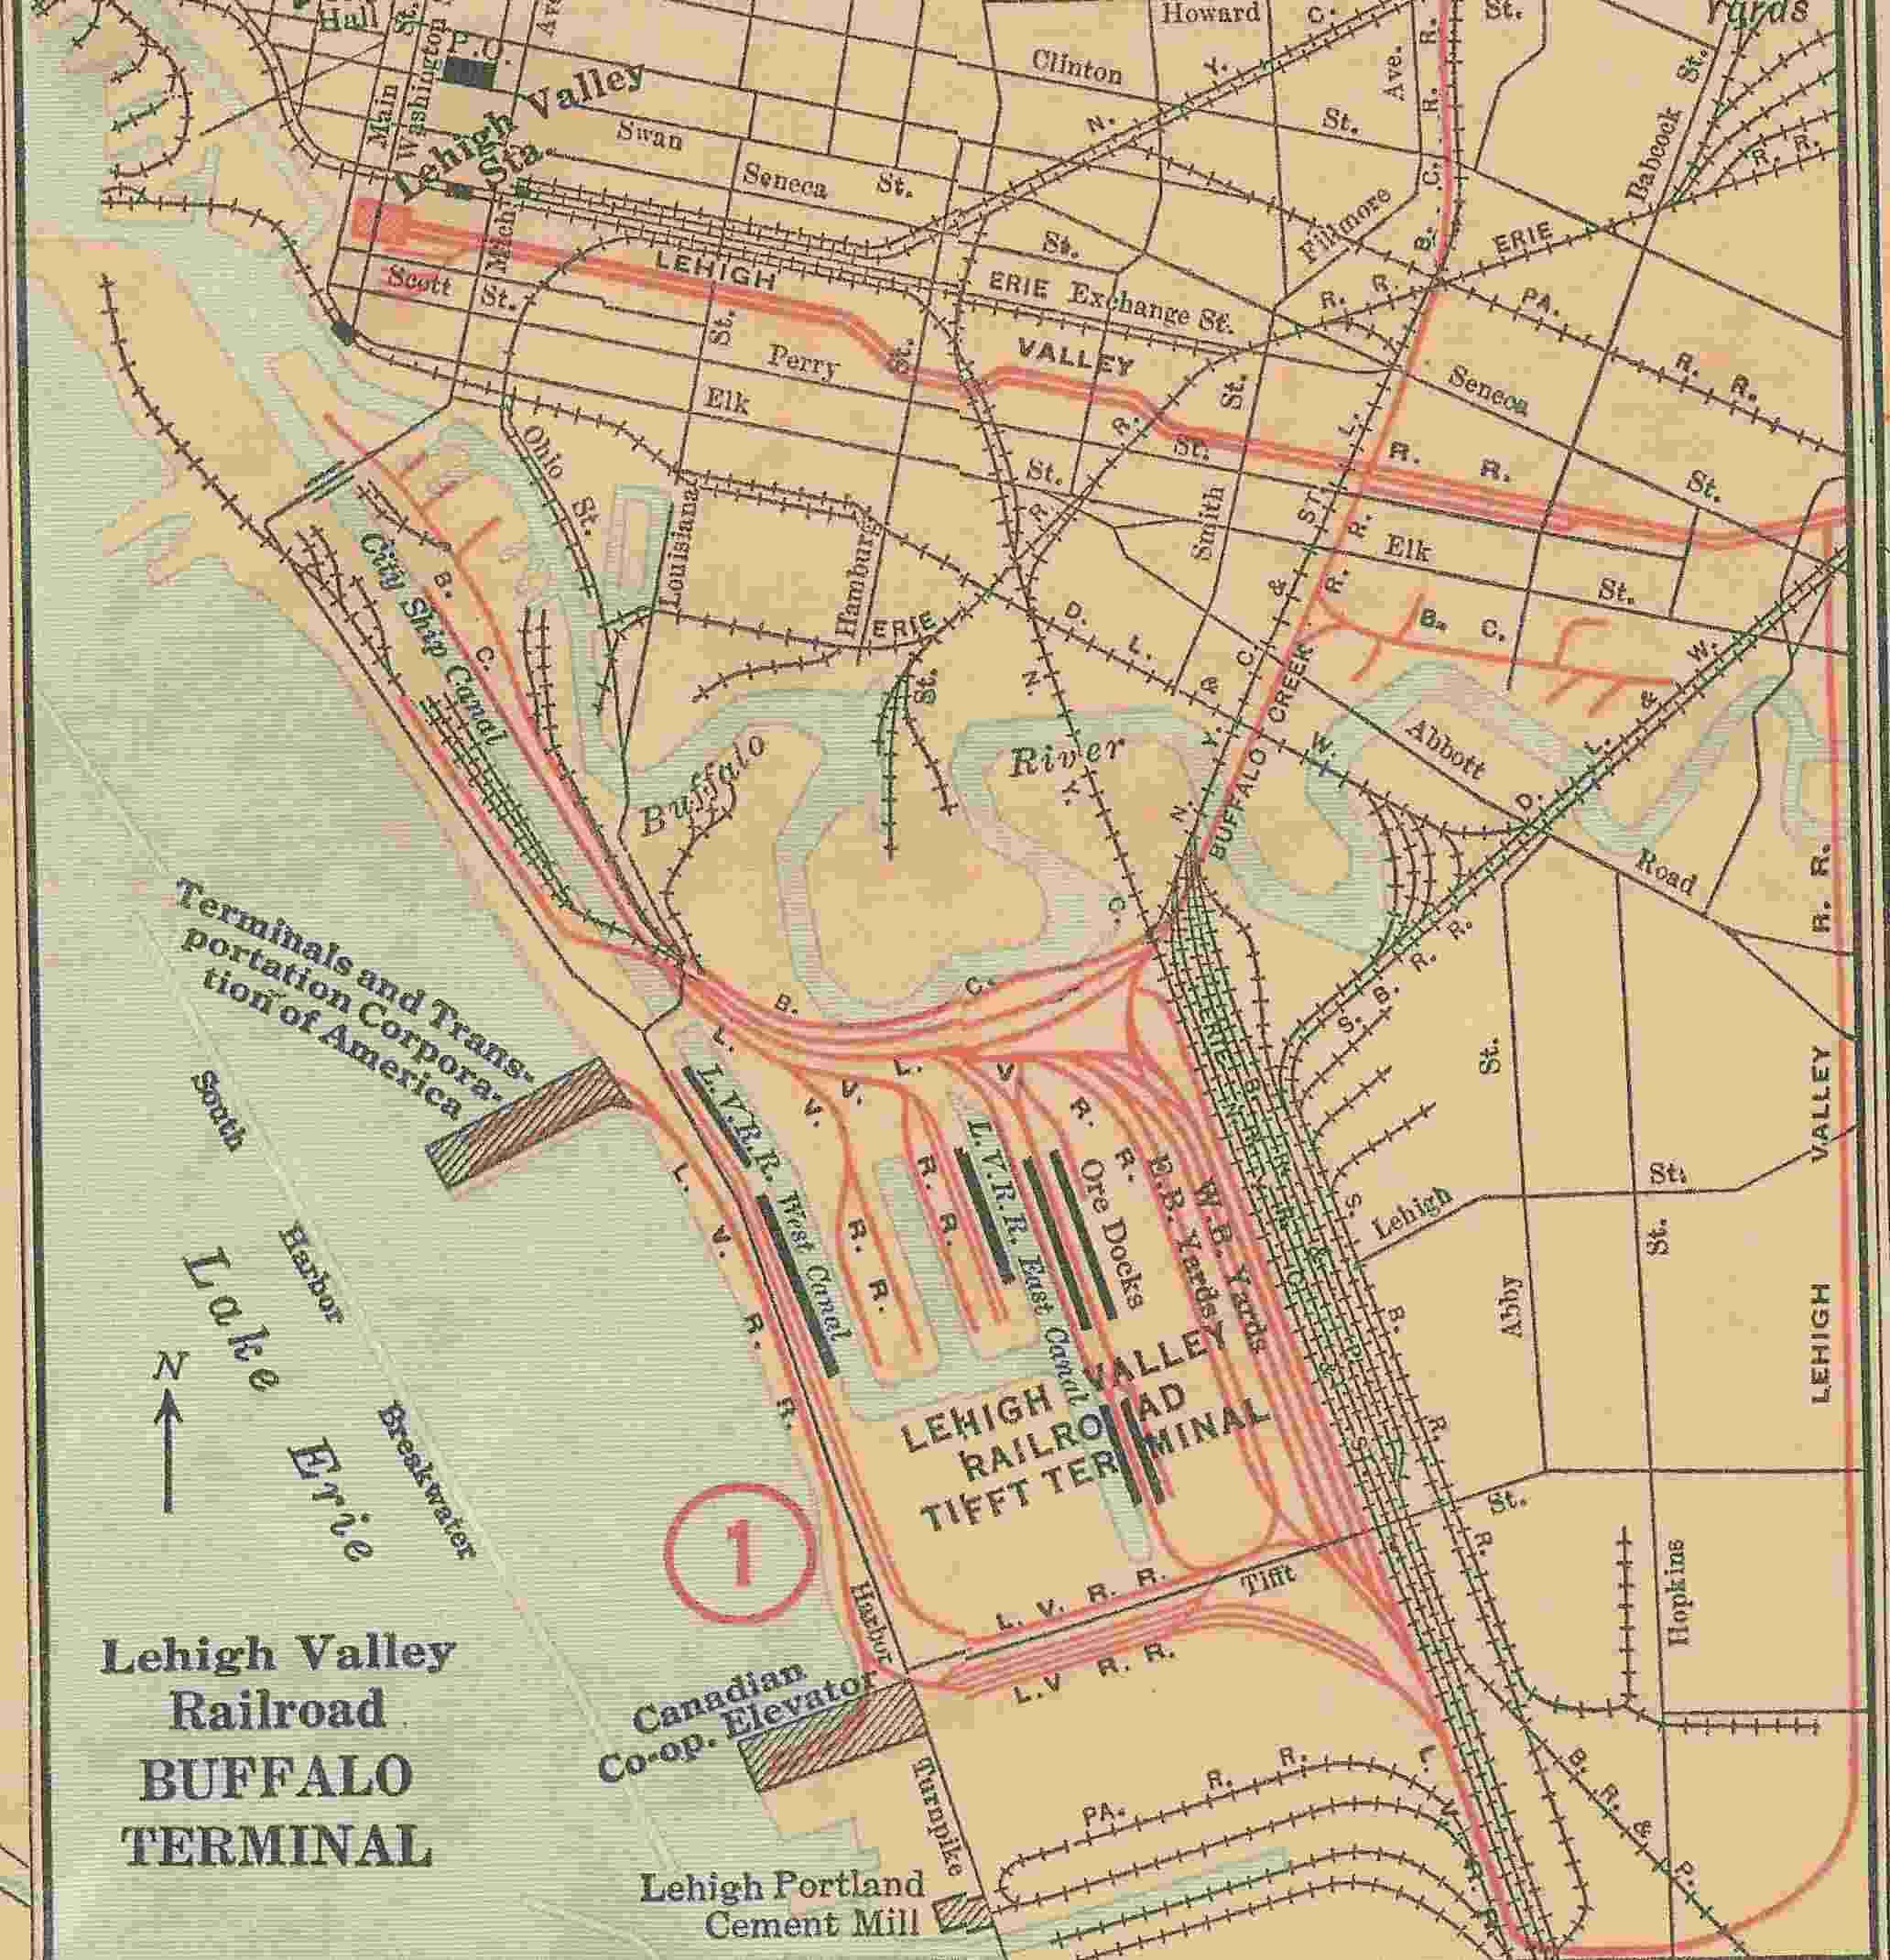 Buffalo, N.Y. Area Operations